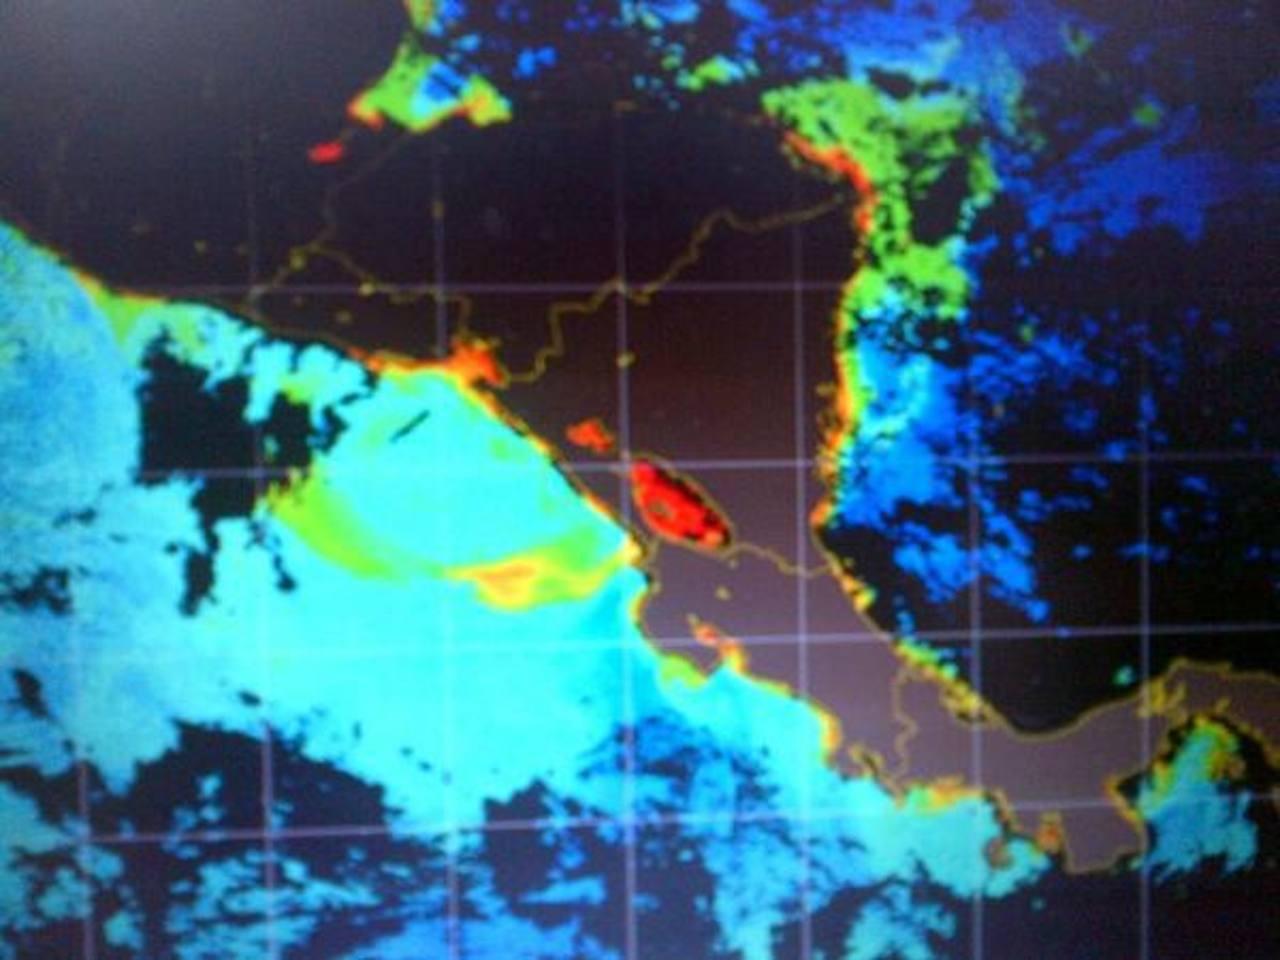 Imagen de satélite muestra concentración de microalgas en la costa centroamericana (colores rojo, amarillo y verde), pero que no son tóxicas para el ser humano.